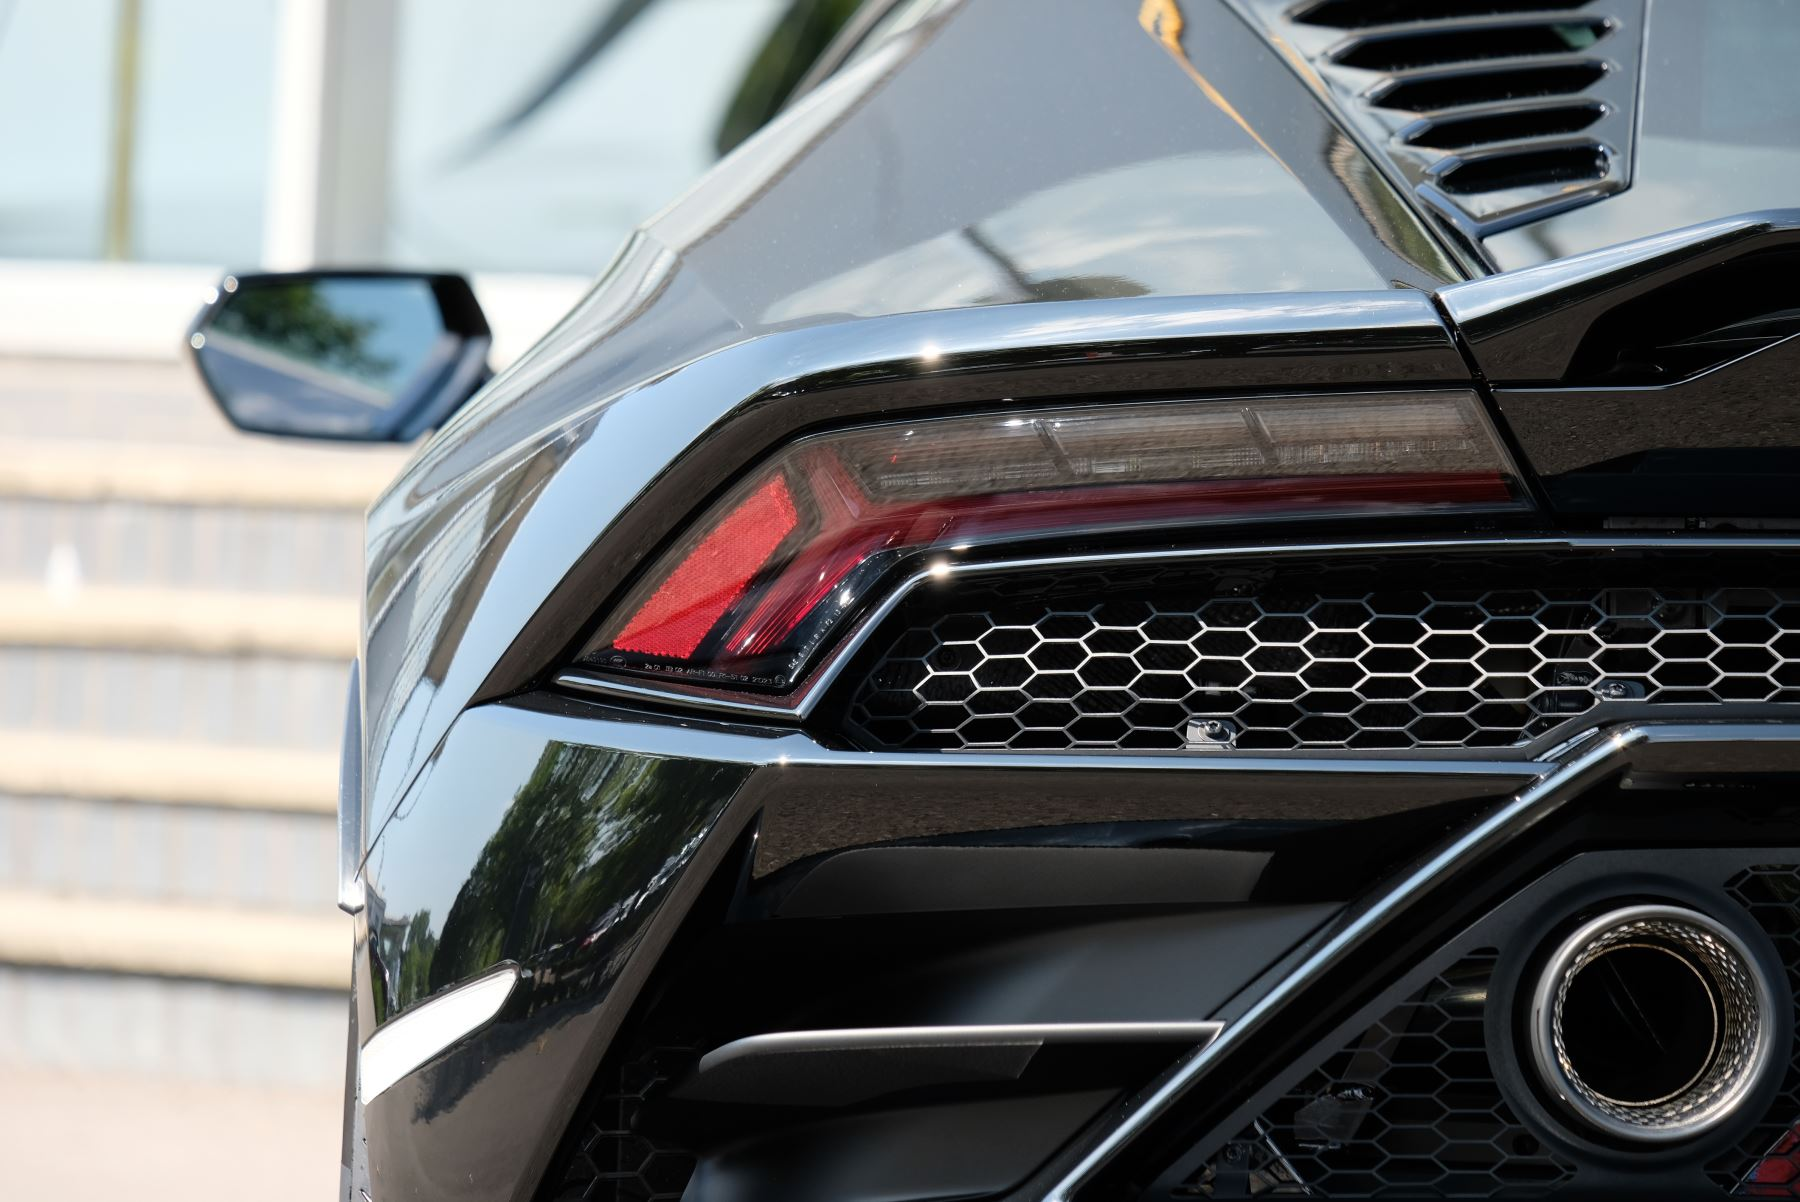 Lamborghini Huracan EVO LP 640-4 5.2 AWD image 11